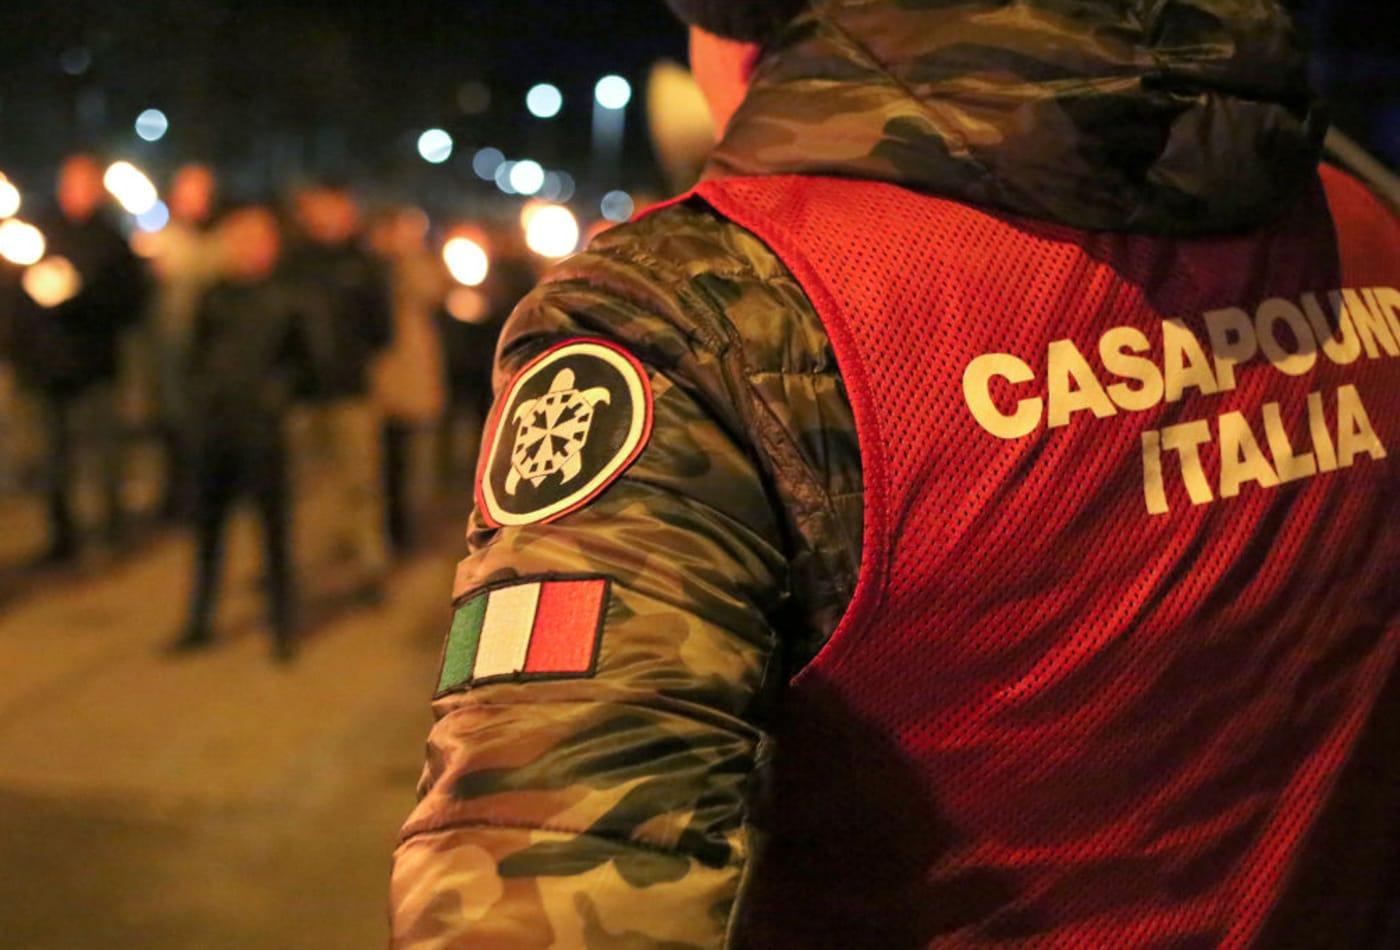 Holocaustoverlevende in Italië krijgt politiebescherming na bedreigingen